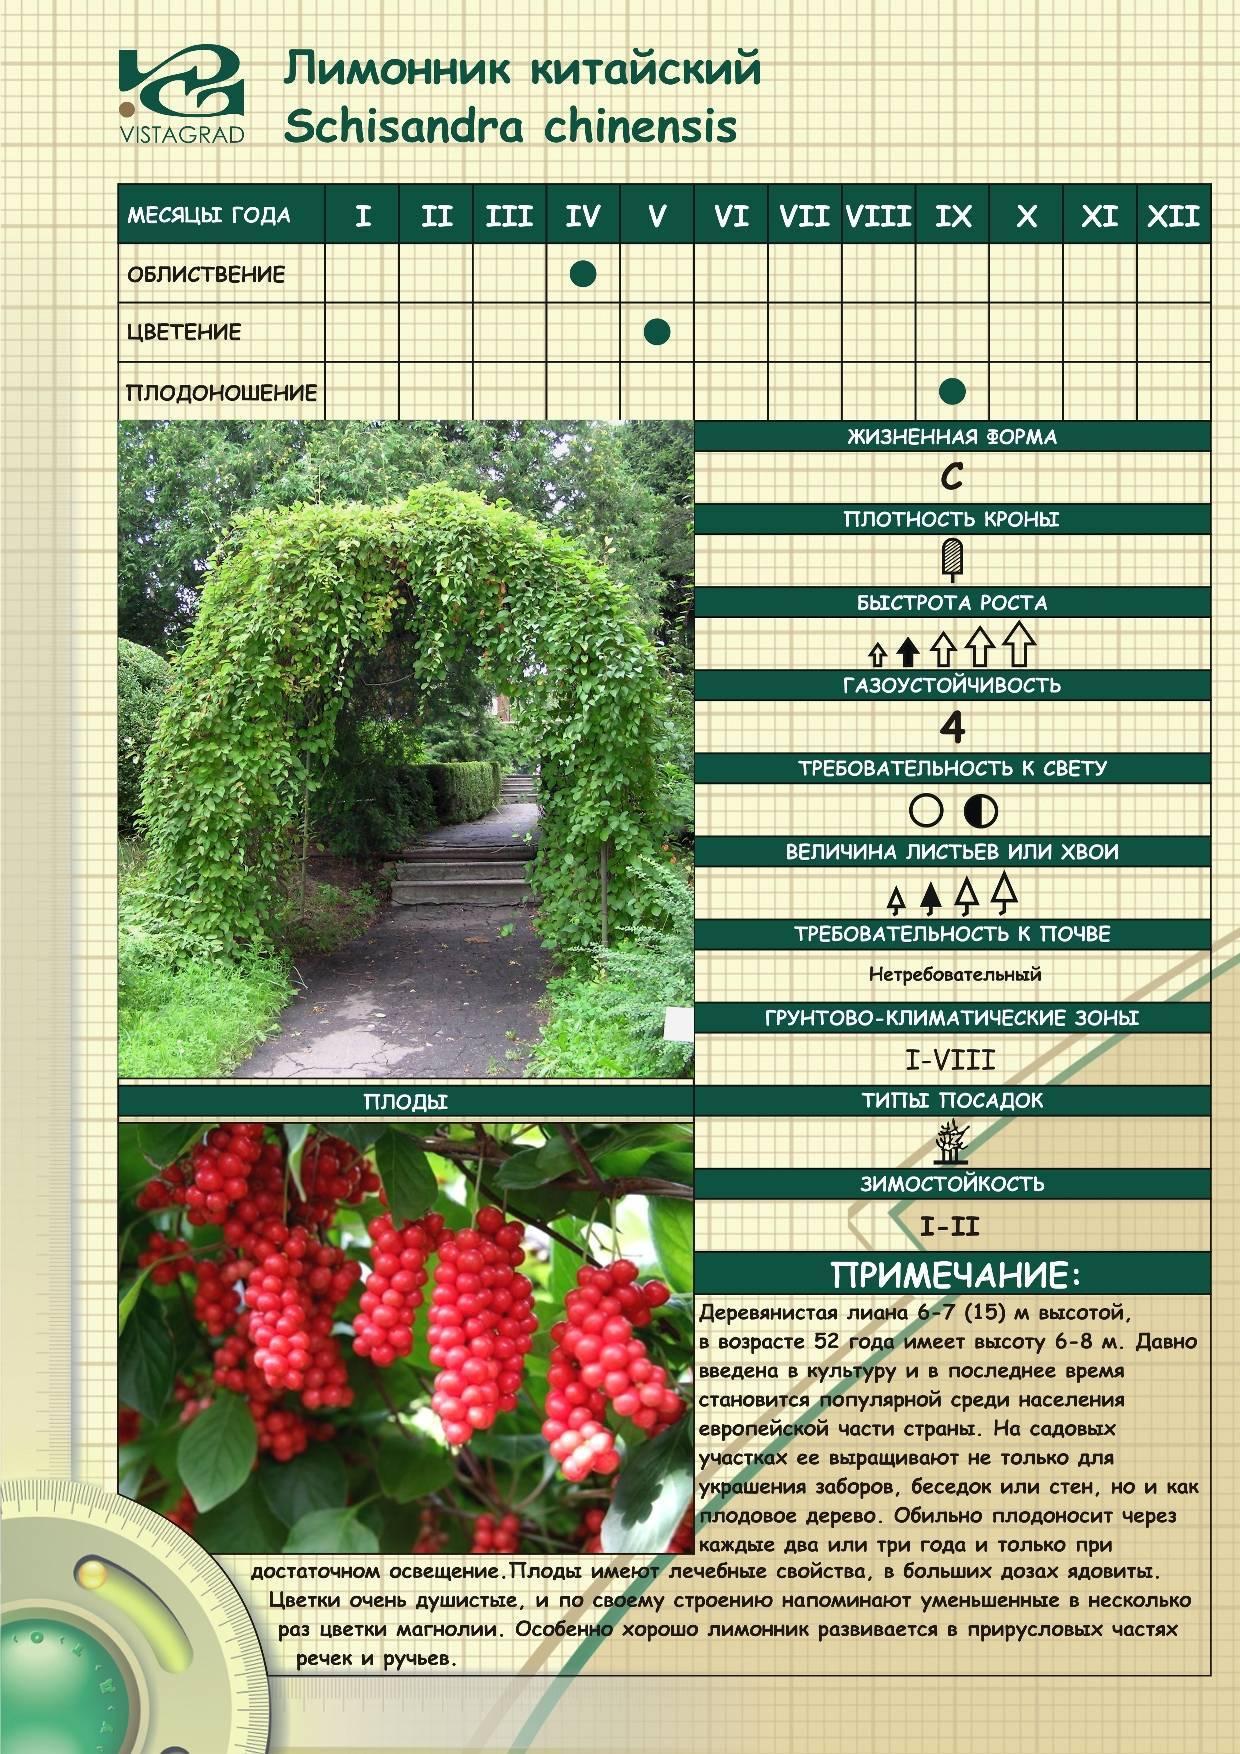 Как посадить лимонник китайский на даче: выбор места и описание сортов